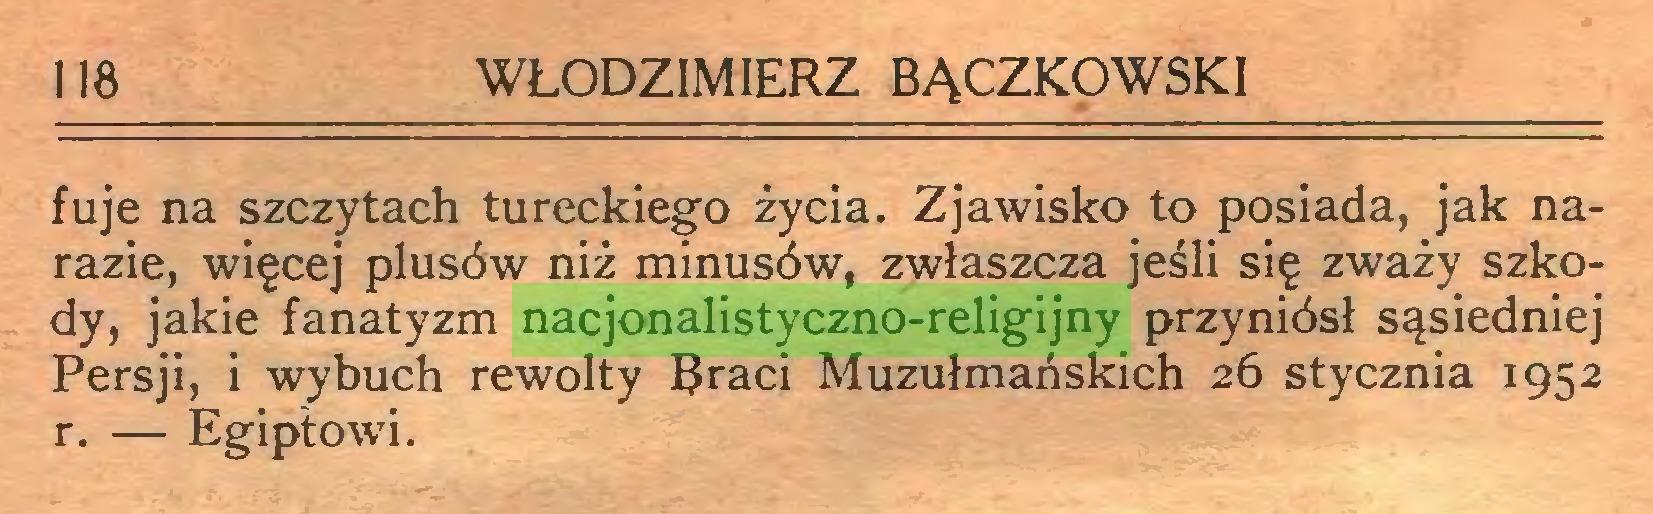 (...) 118 WŁODZIMIERZ BĄCZKOWSKI fuje na szczytach tureckiego życia. Zjawisko to posiada, jak narazie, więcej plusów niż minusów, zwłaszcza jeśli się zważy szkody, jakie fanatyzm nacjonalistyczno-religijny przyniósł sąsiedniej Persji, i wybuch rewolty Braci Muzułmańskich 26 stycznia 1952 r. — Egipt ow'i...